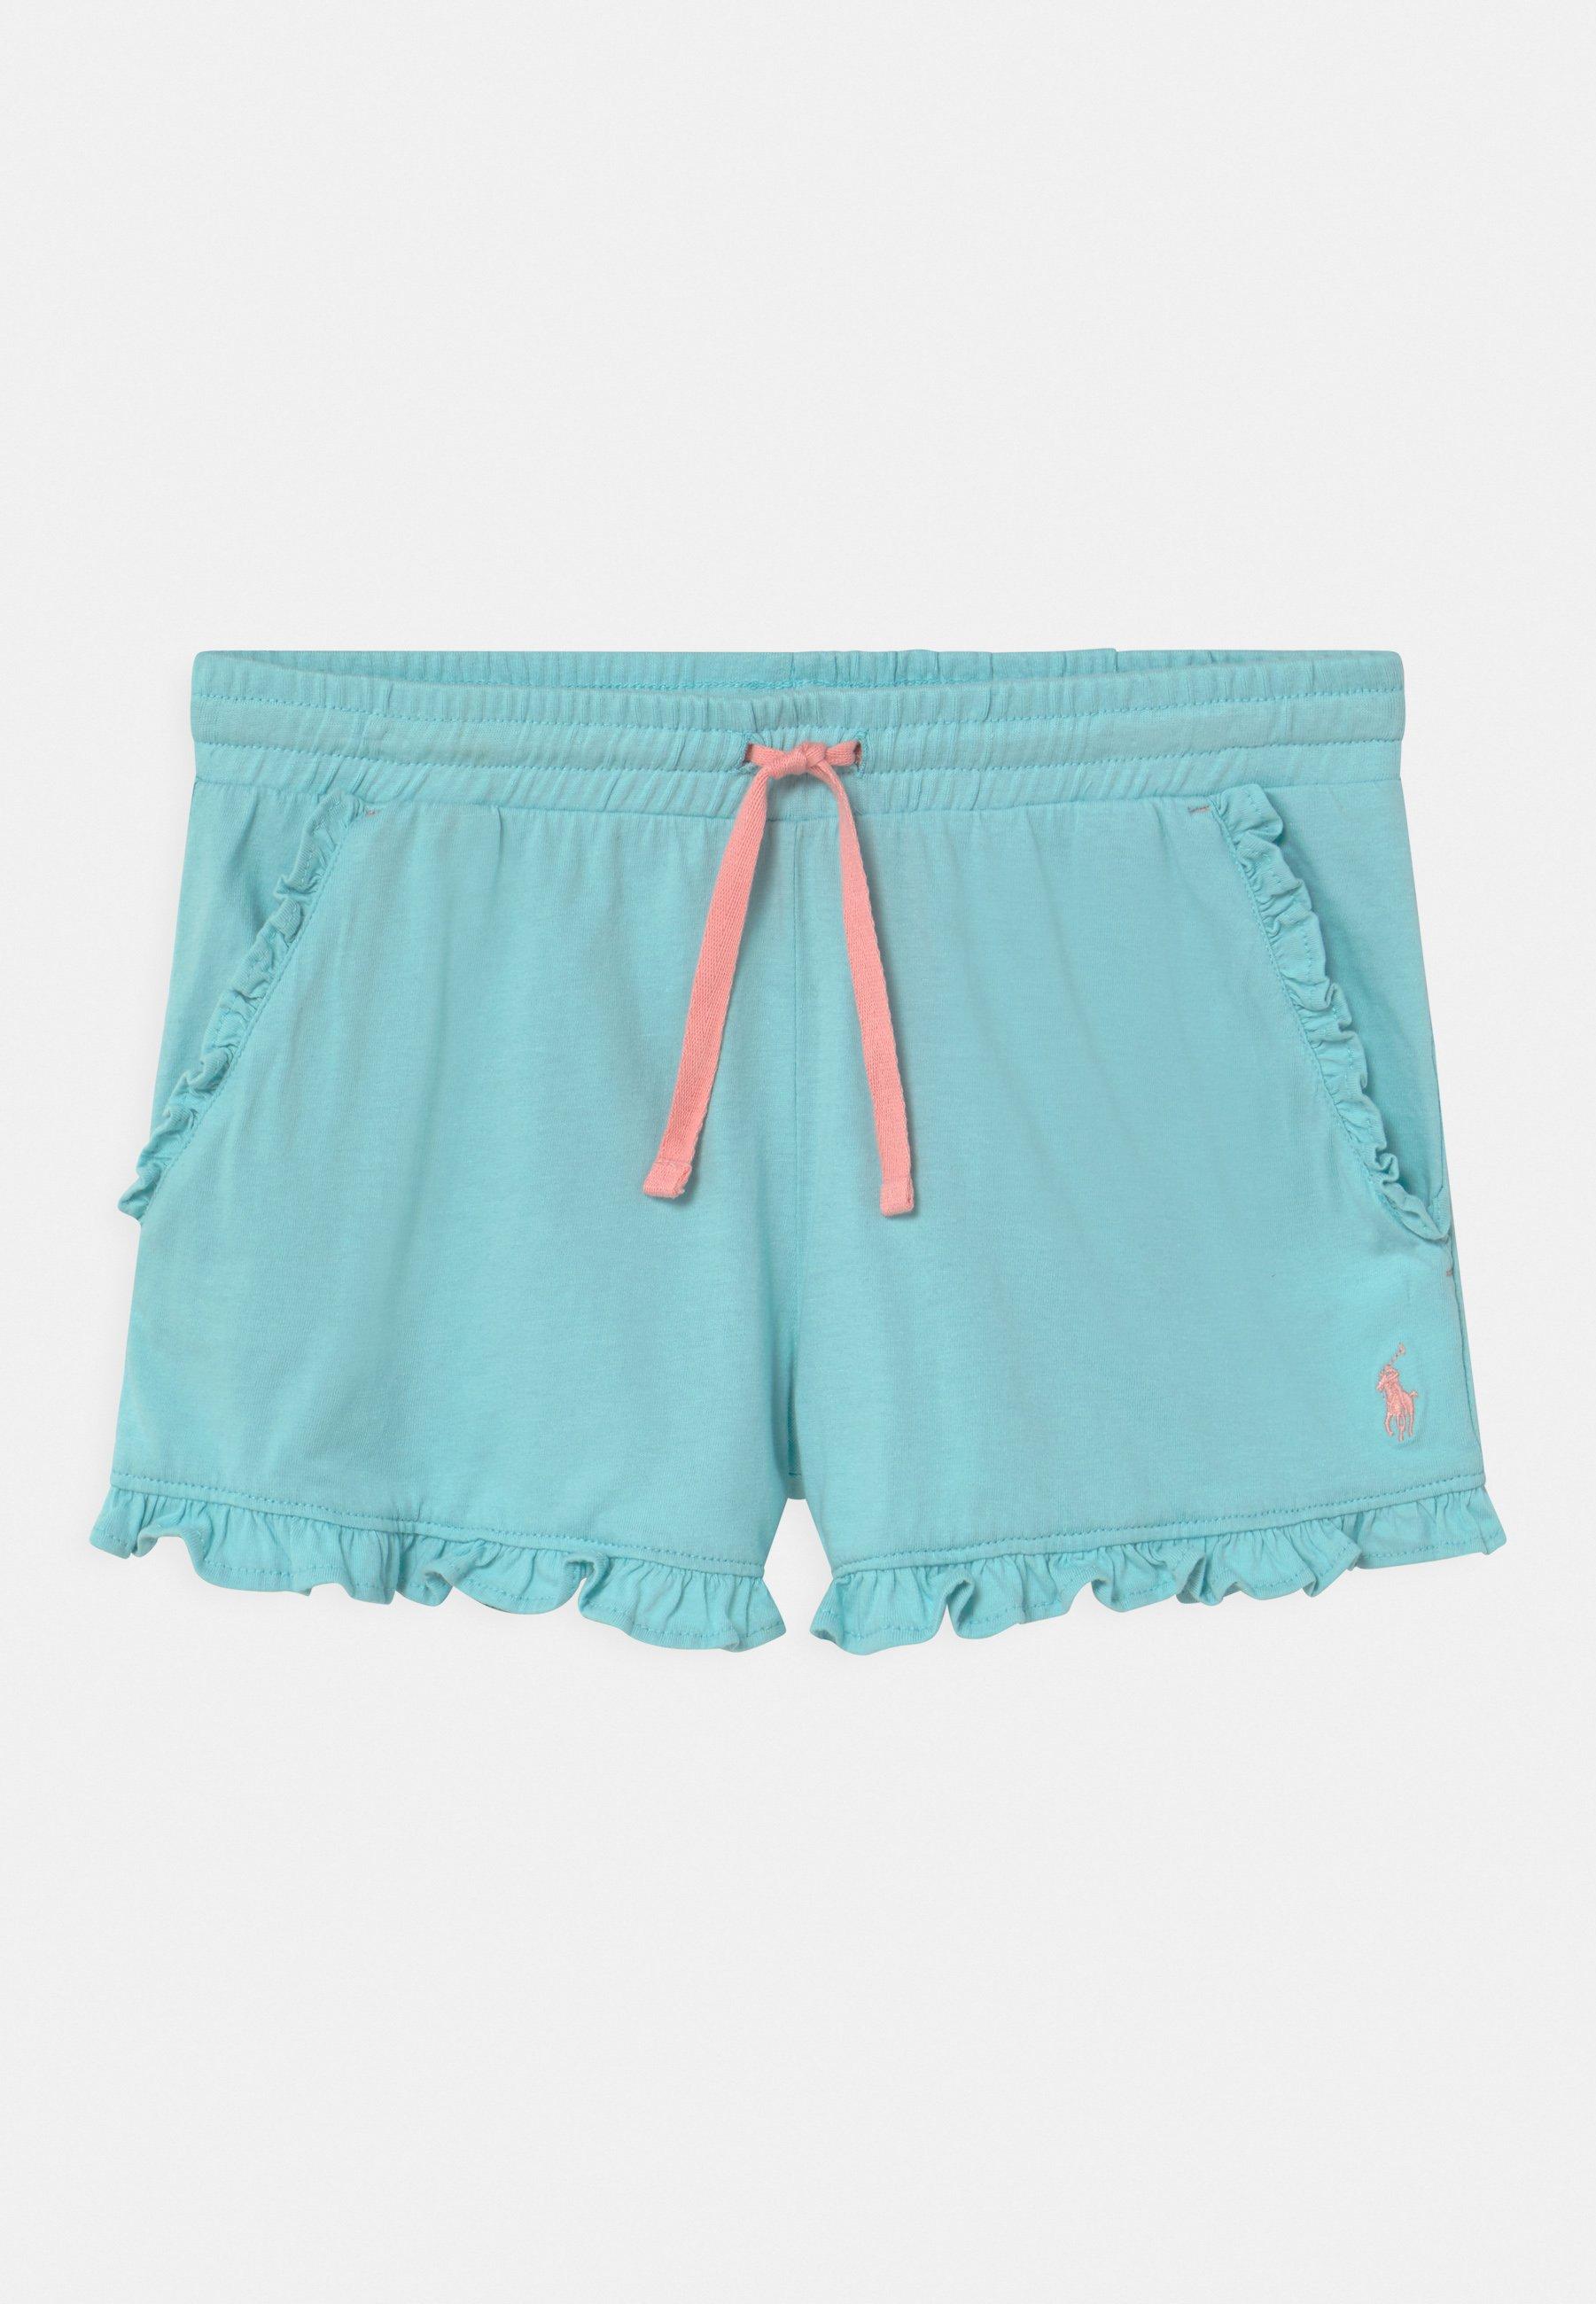 Kids RUFFLE BOTTOMS - Shorts